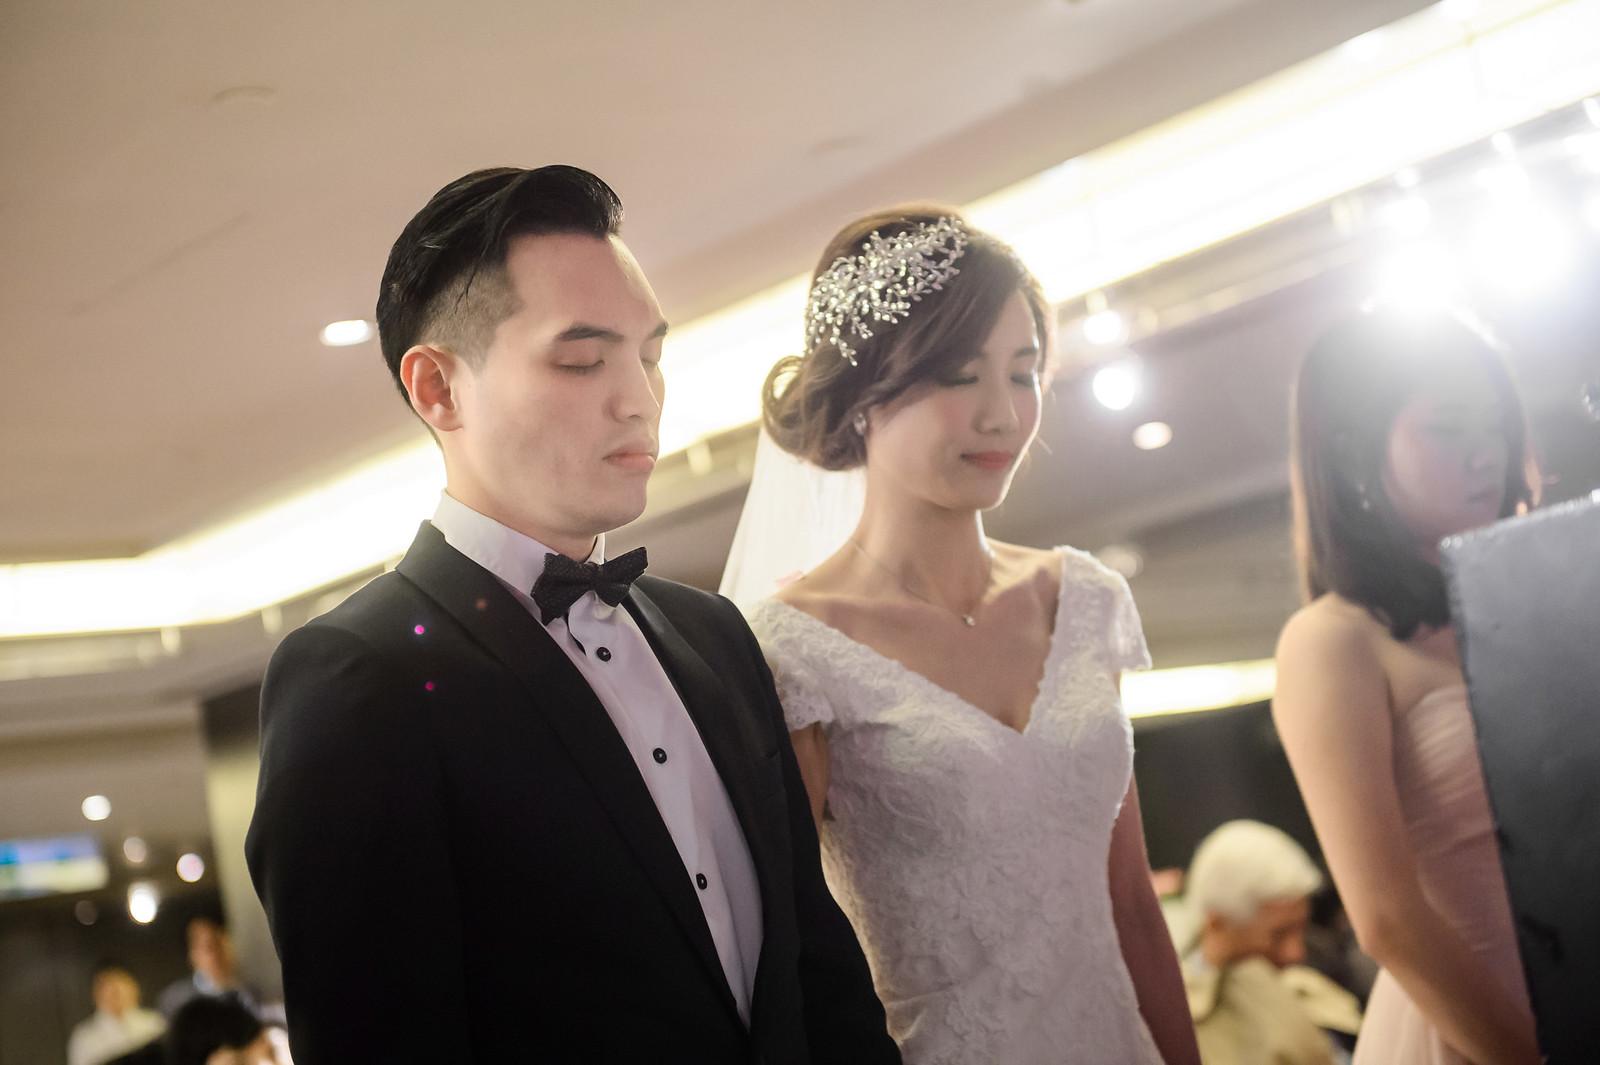 台北婚攝, 婚禮攝影, 婚攝, 婚攝守恆, 婚攝推薦, 晶華酒店, 晶華酒店婚宴, 晶華酒店婚攝-53